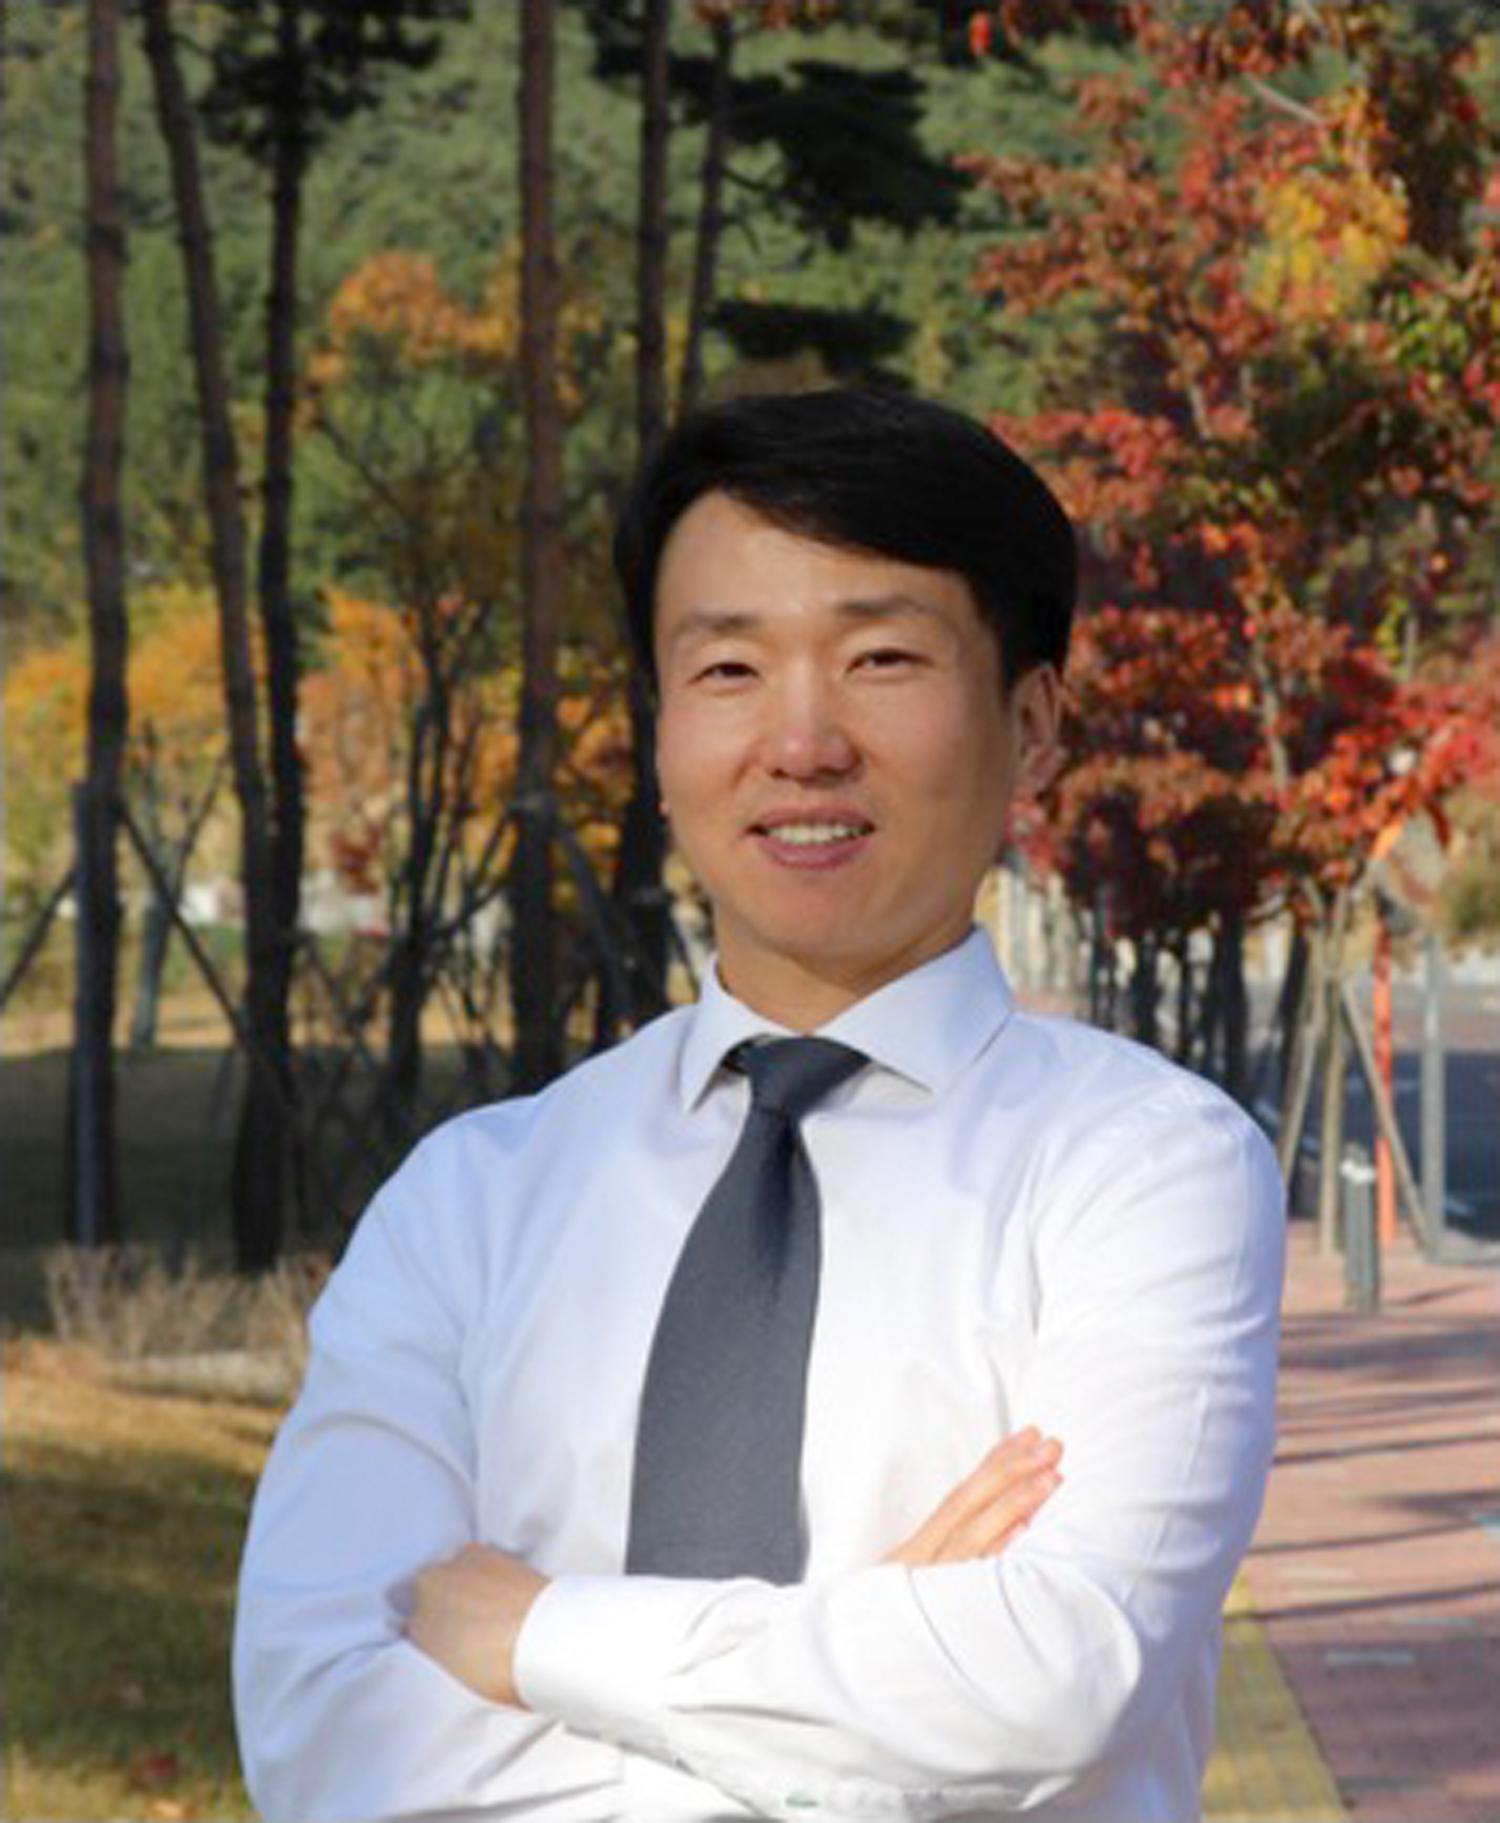 Prof Joosung Lee